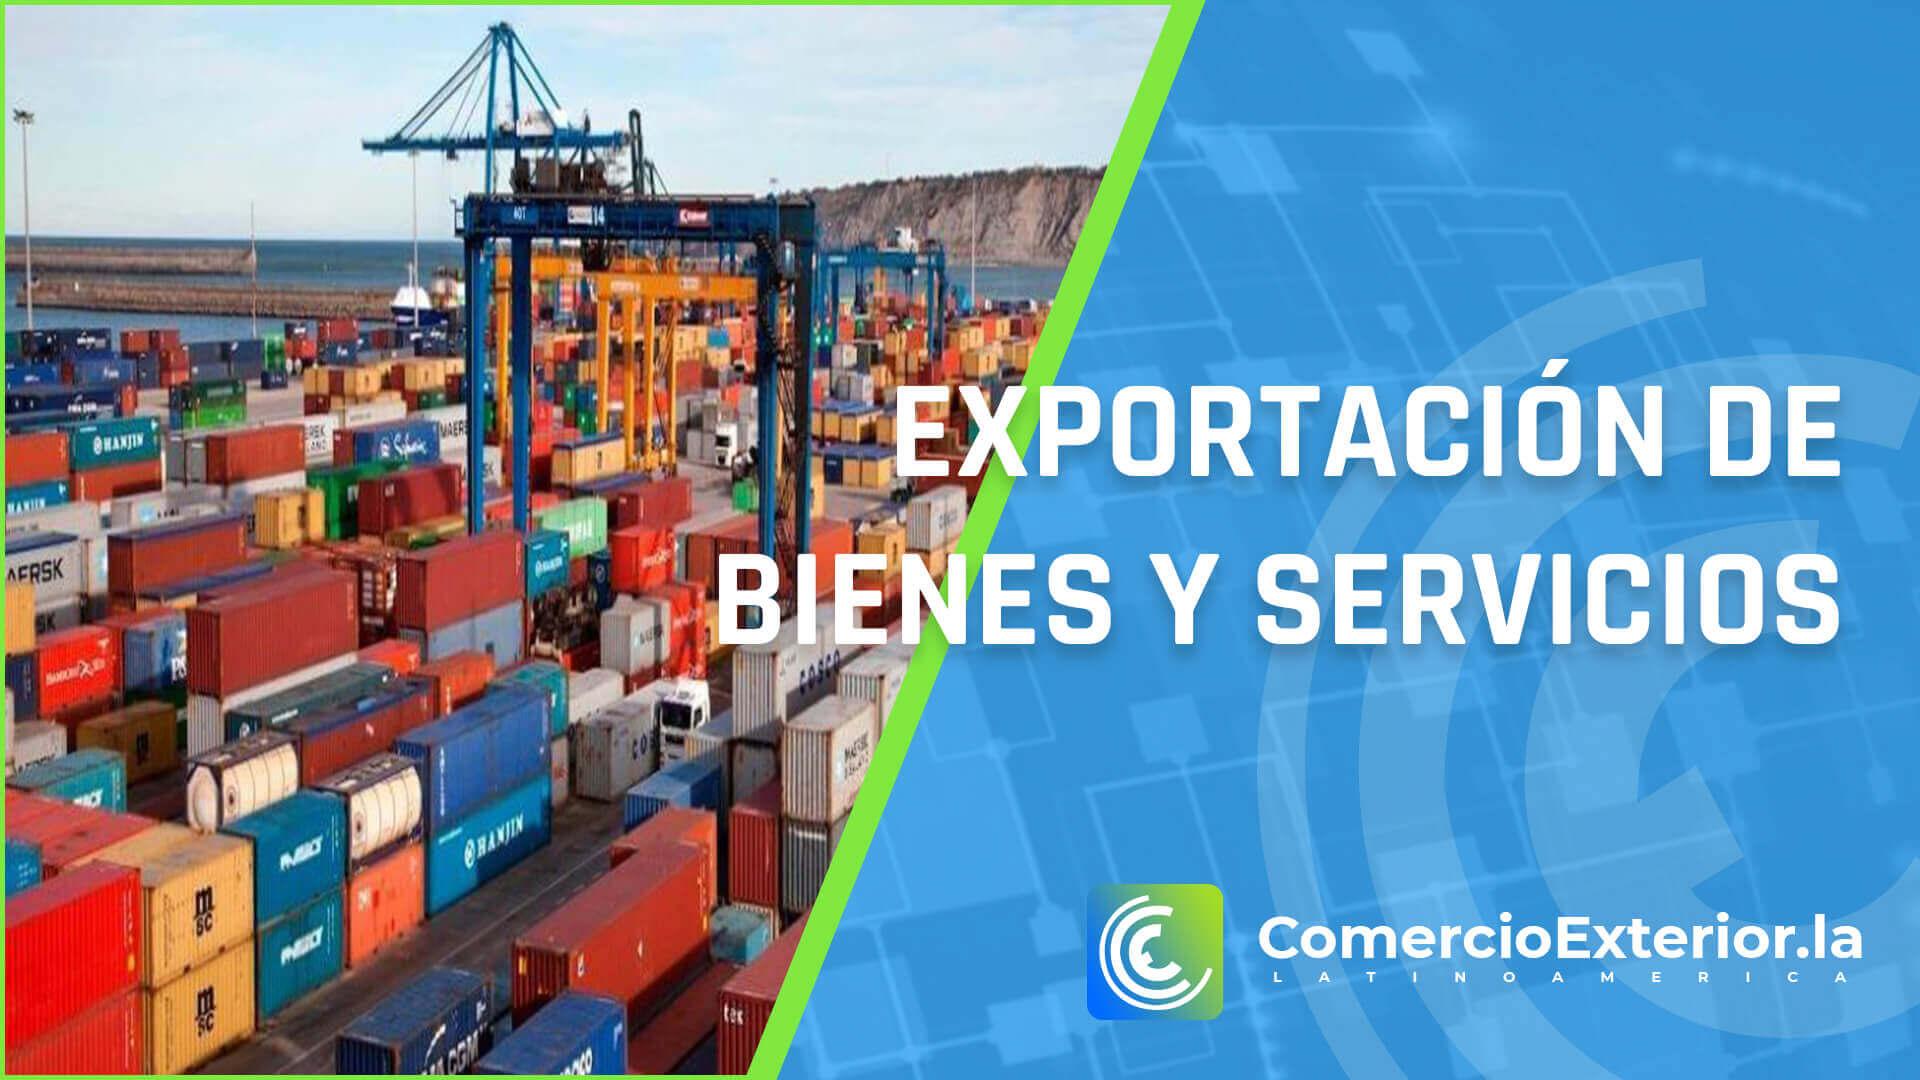 exportaciones de bienes y servicios